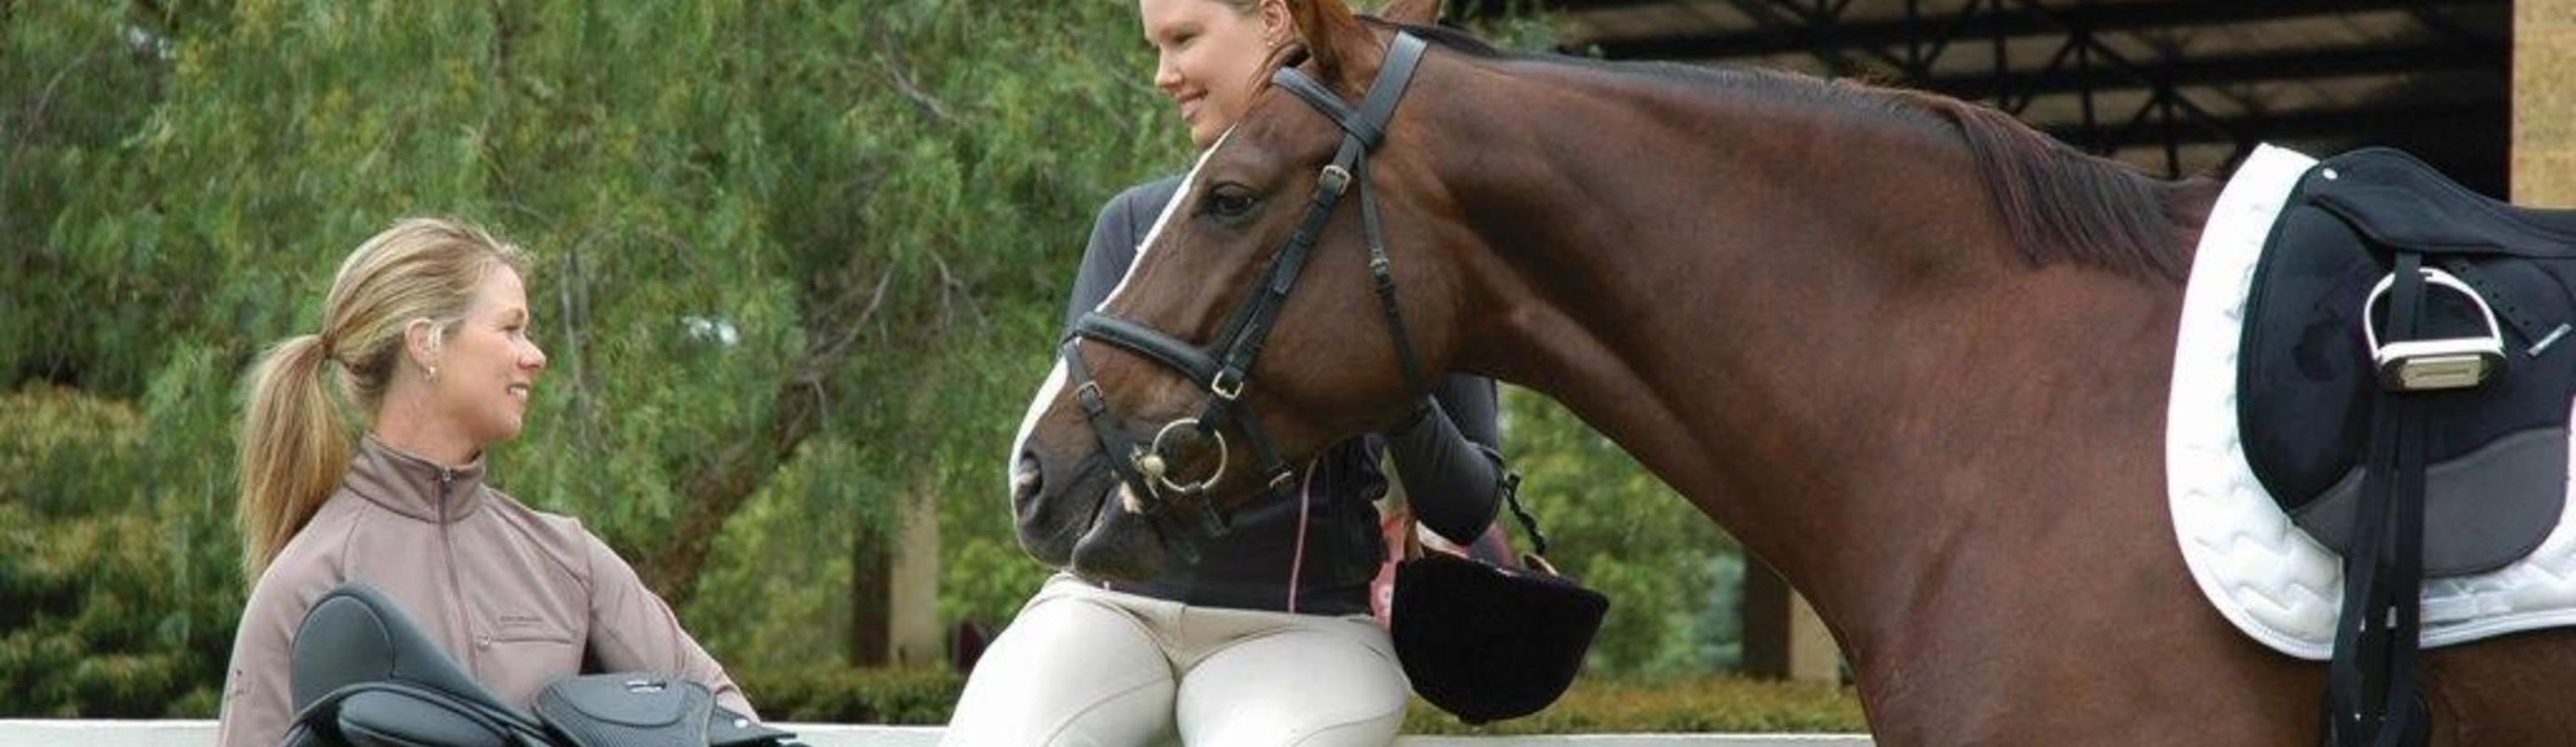 Het belang van een passend zadel voor paard en ruiter.